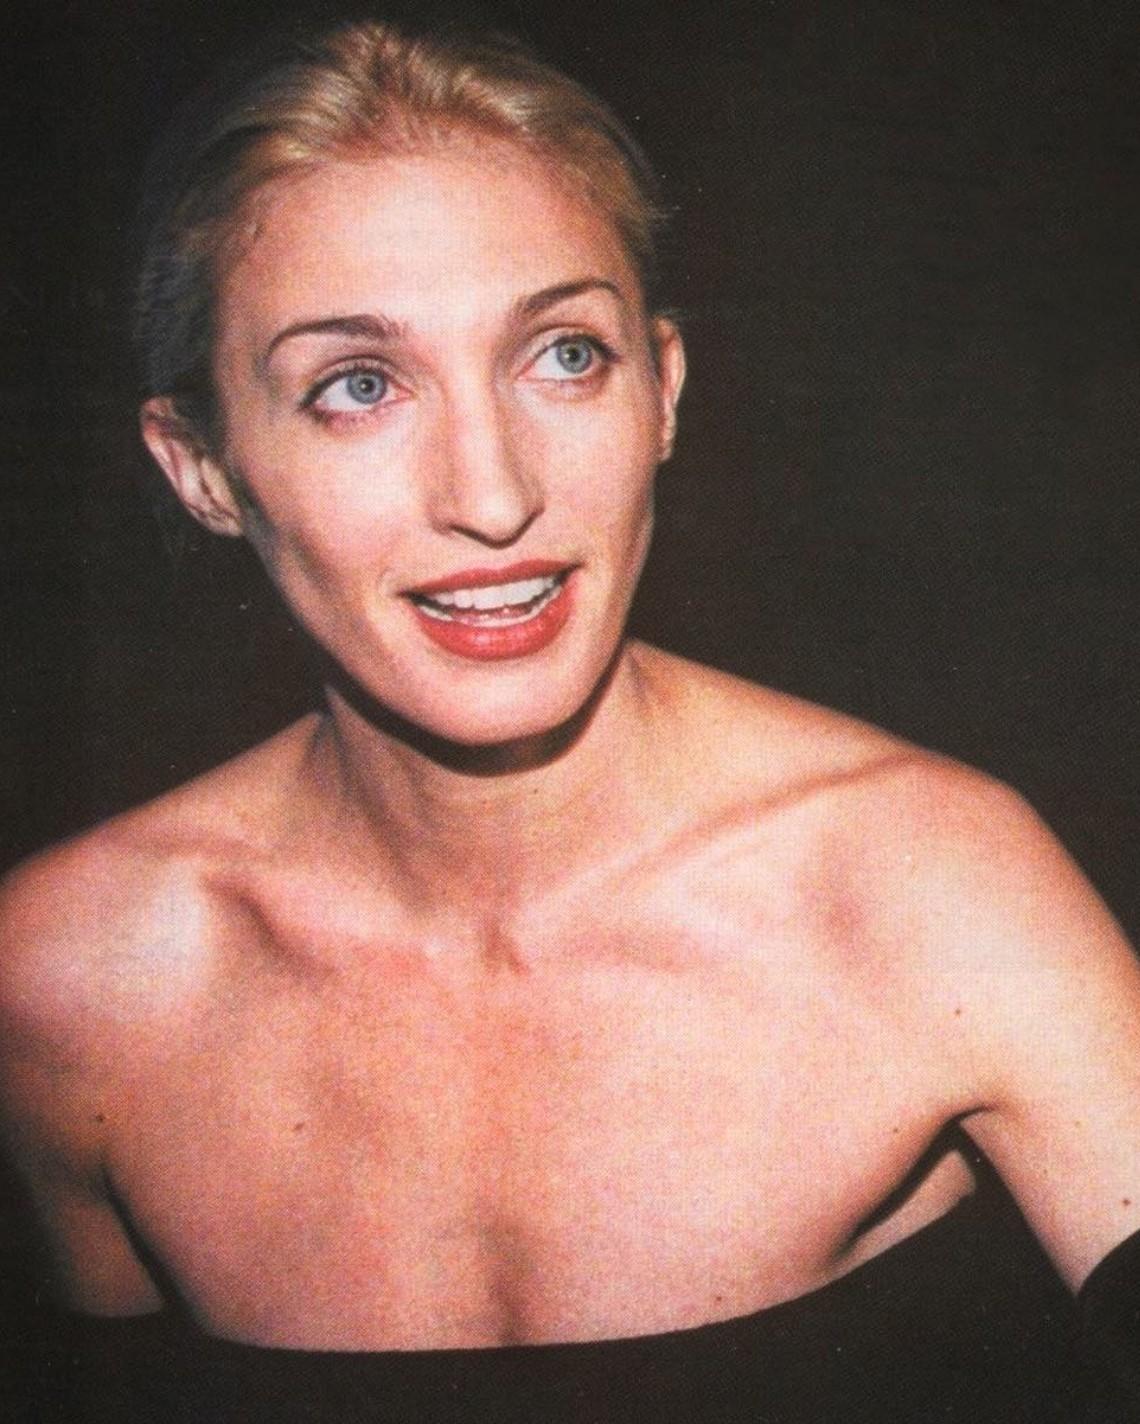 Καρολίν Μπεσέτ - Κένεντι: Το διασημότερο «it girl» των 90s που το παραμύθι της τελείωσε νωρίς